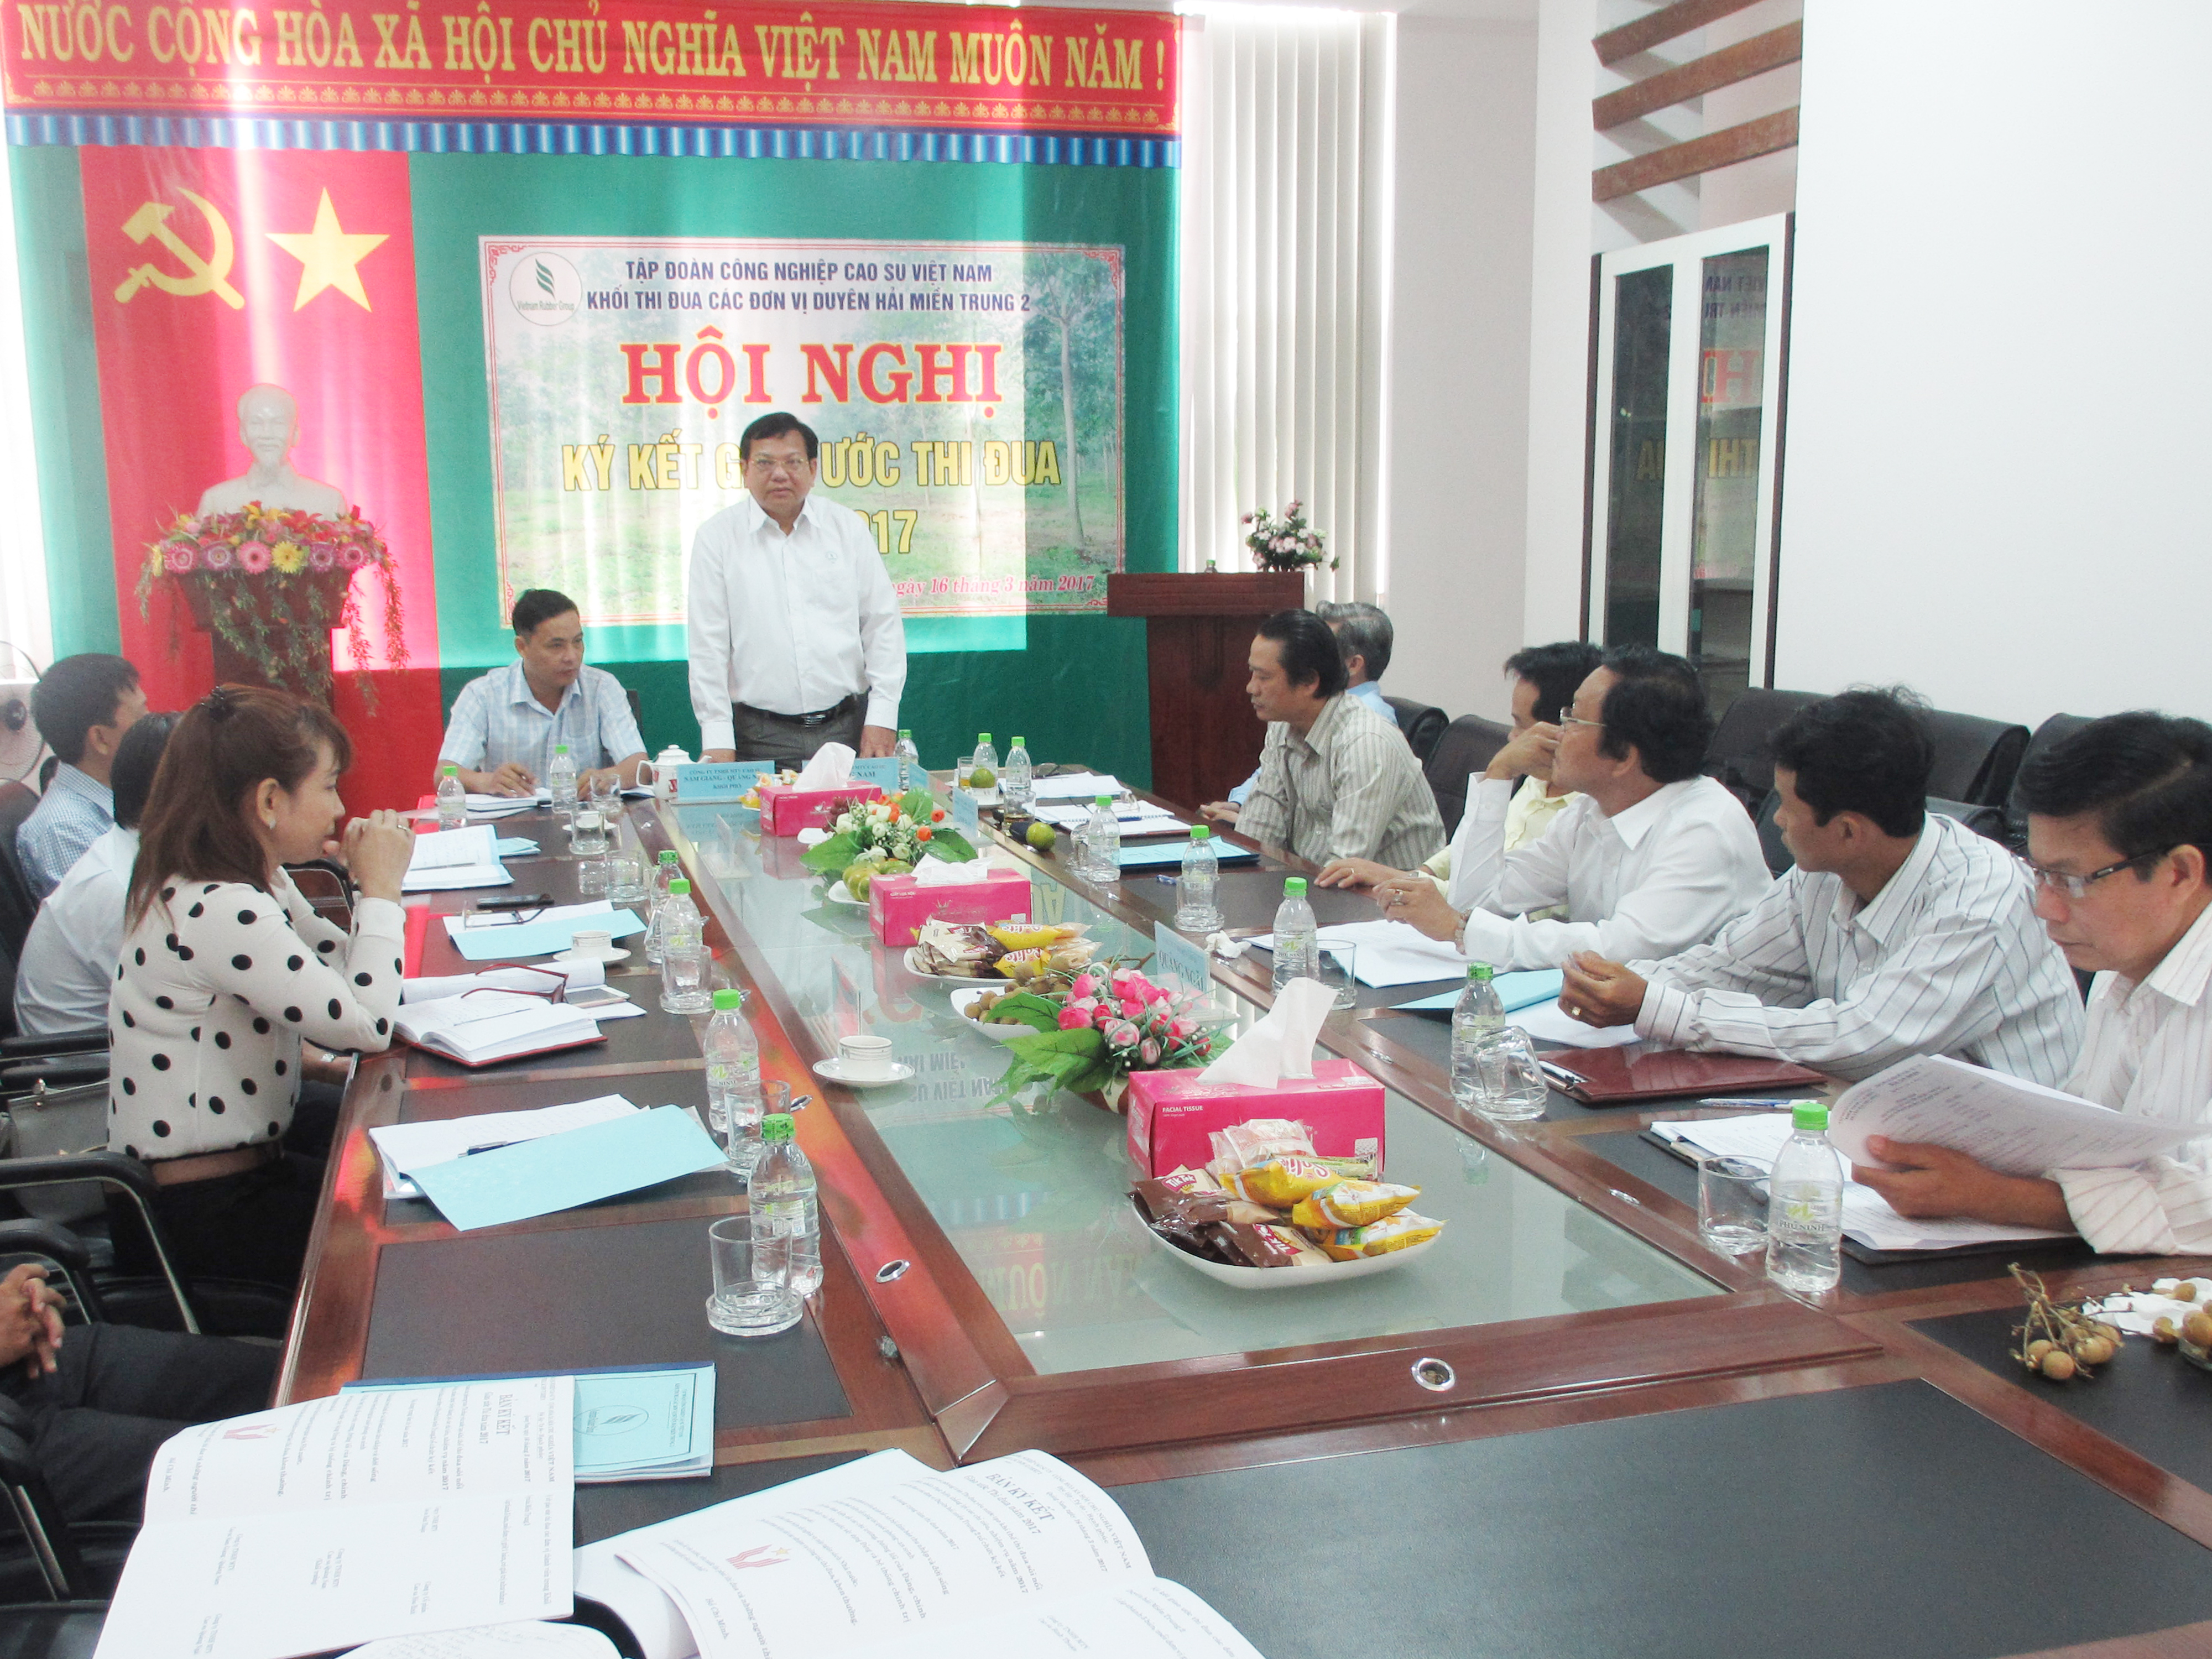 Khối trưởng Khối thi đua các đơn vị Duyên hải Miền Trung 2 tổ chức Hội nghị ký kết giao ước thi đua tại Công ty TNHH MTV Cao su Quảng Nam